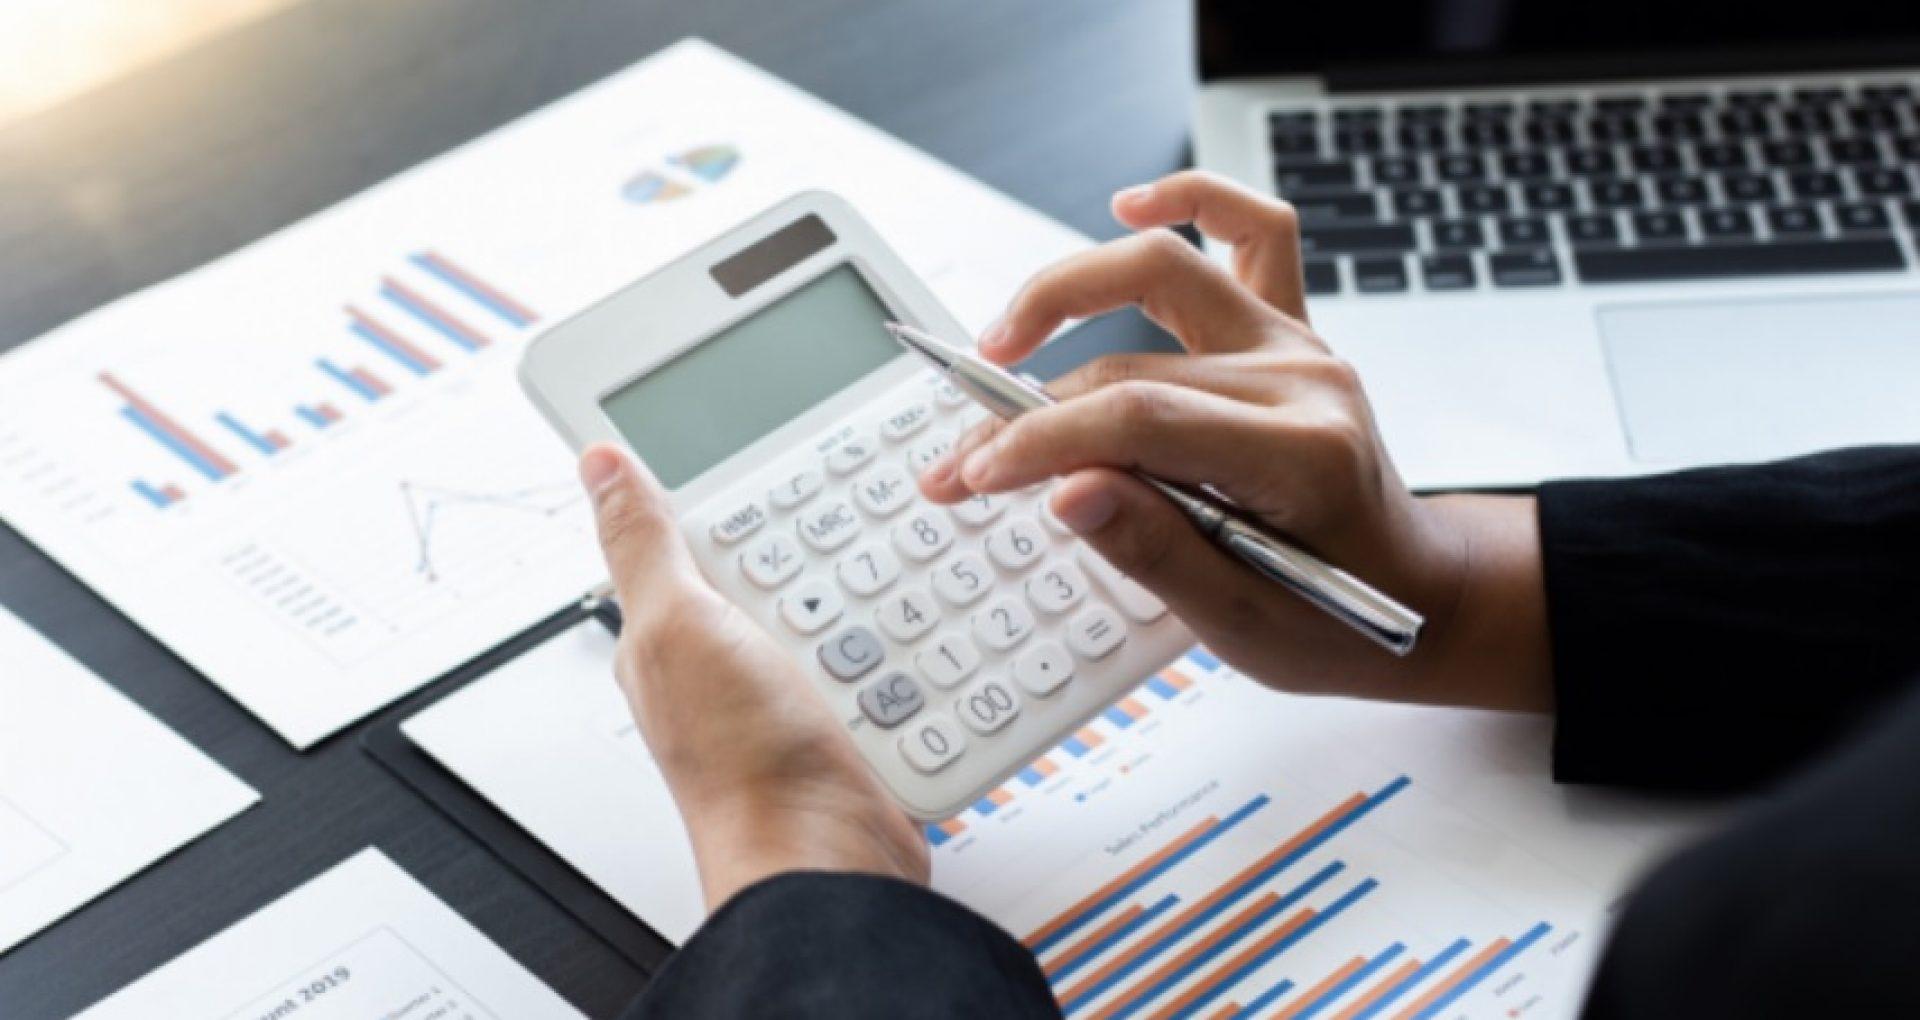 DOC/ Au fost operate modificări la modalitatea de declarare a TVA. Serviciul Fiscal a emis un ordin în acest sens